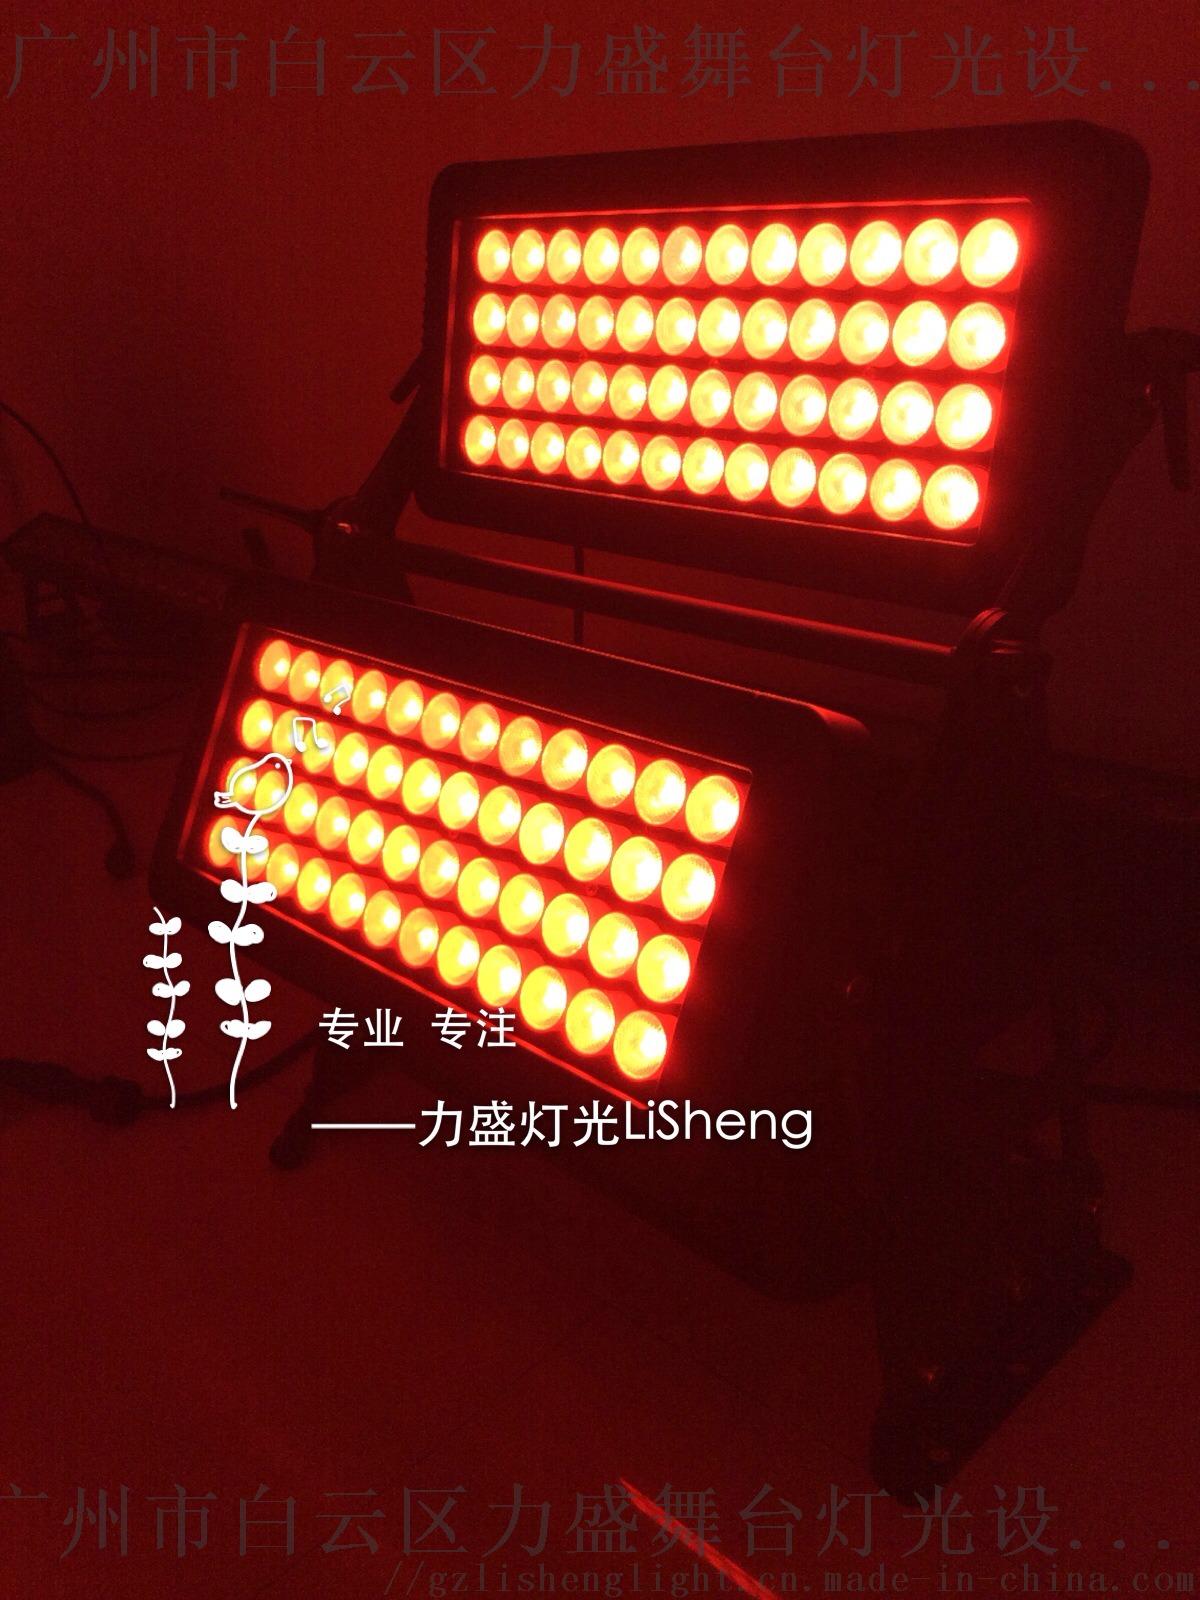 01C1742A-19EF-4826-A825-69DCB15F9CD4.JPG